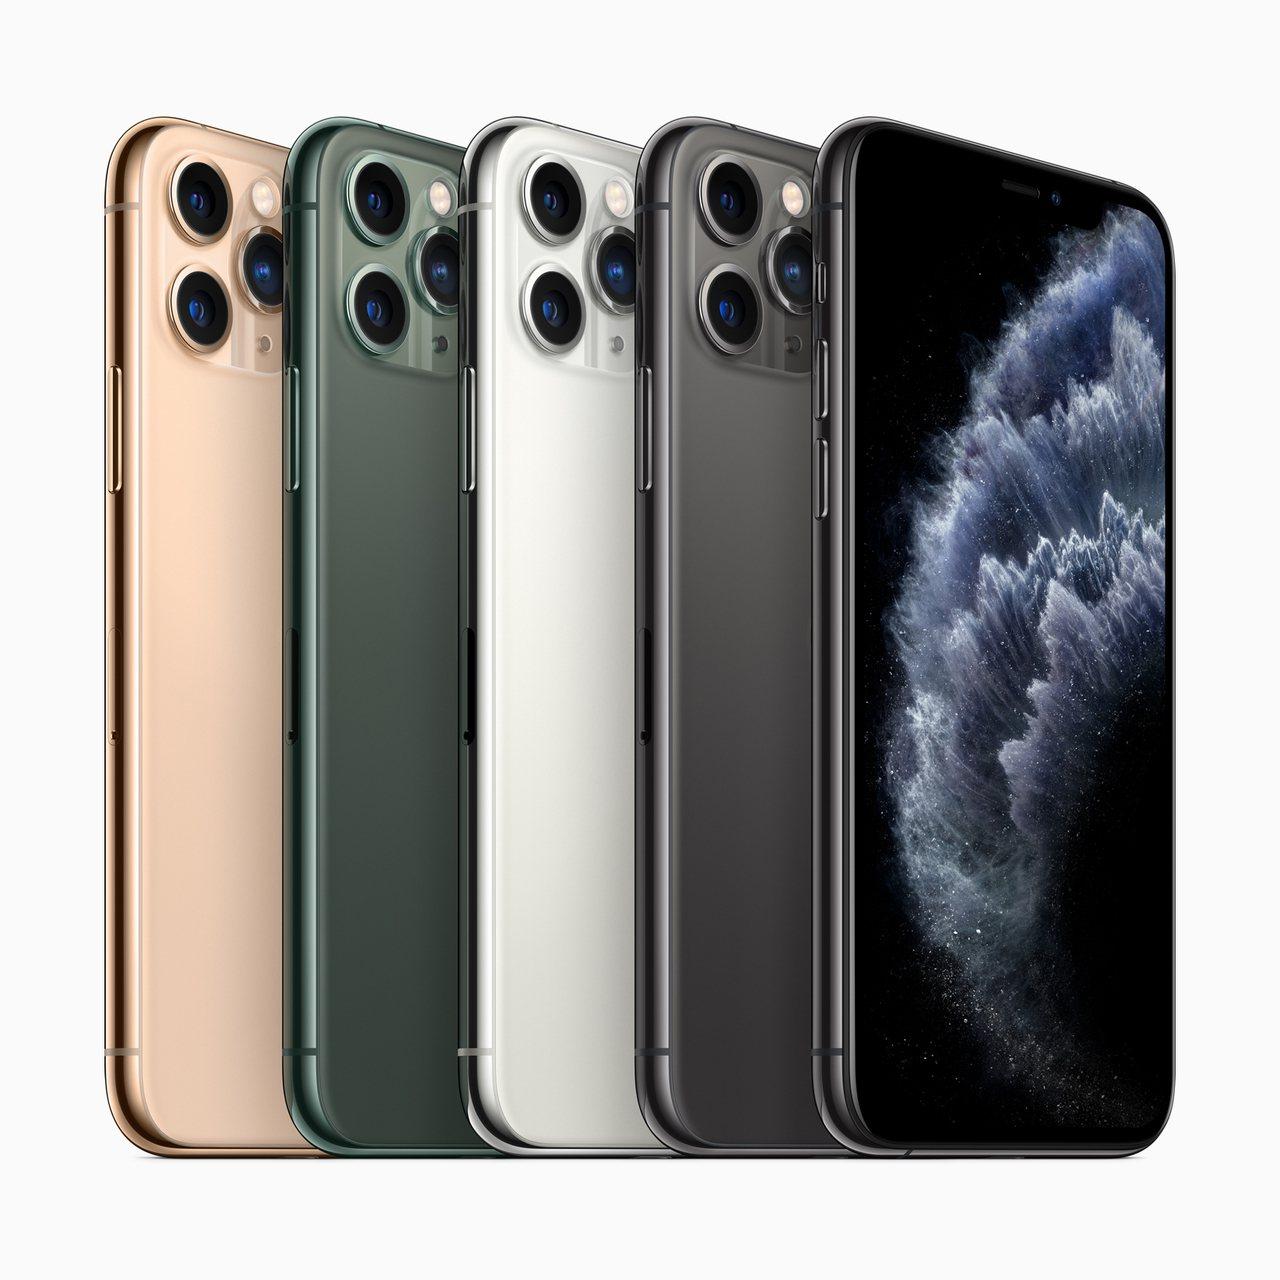 訪調顯示消費者升級iPhone的意願下滑,原因是缺乏5G網路相容性。 本報資料照